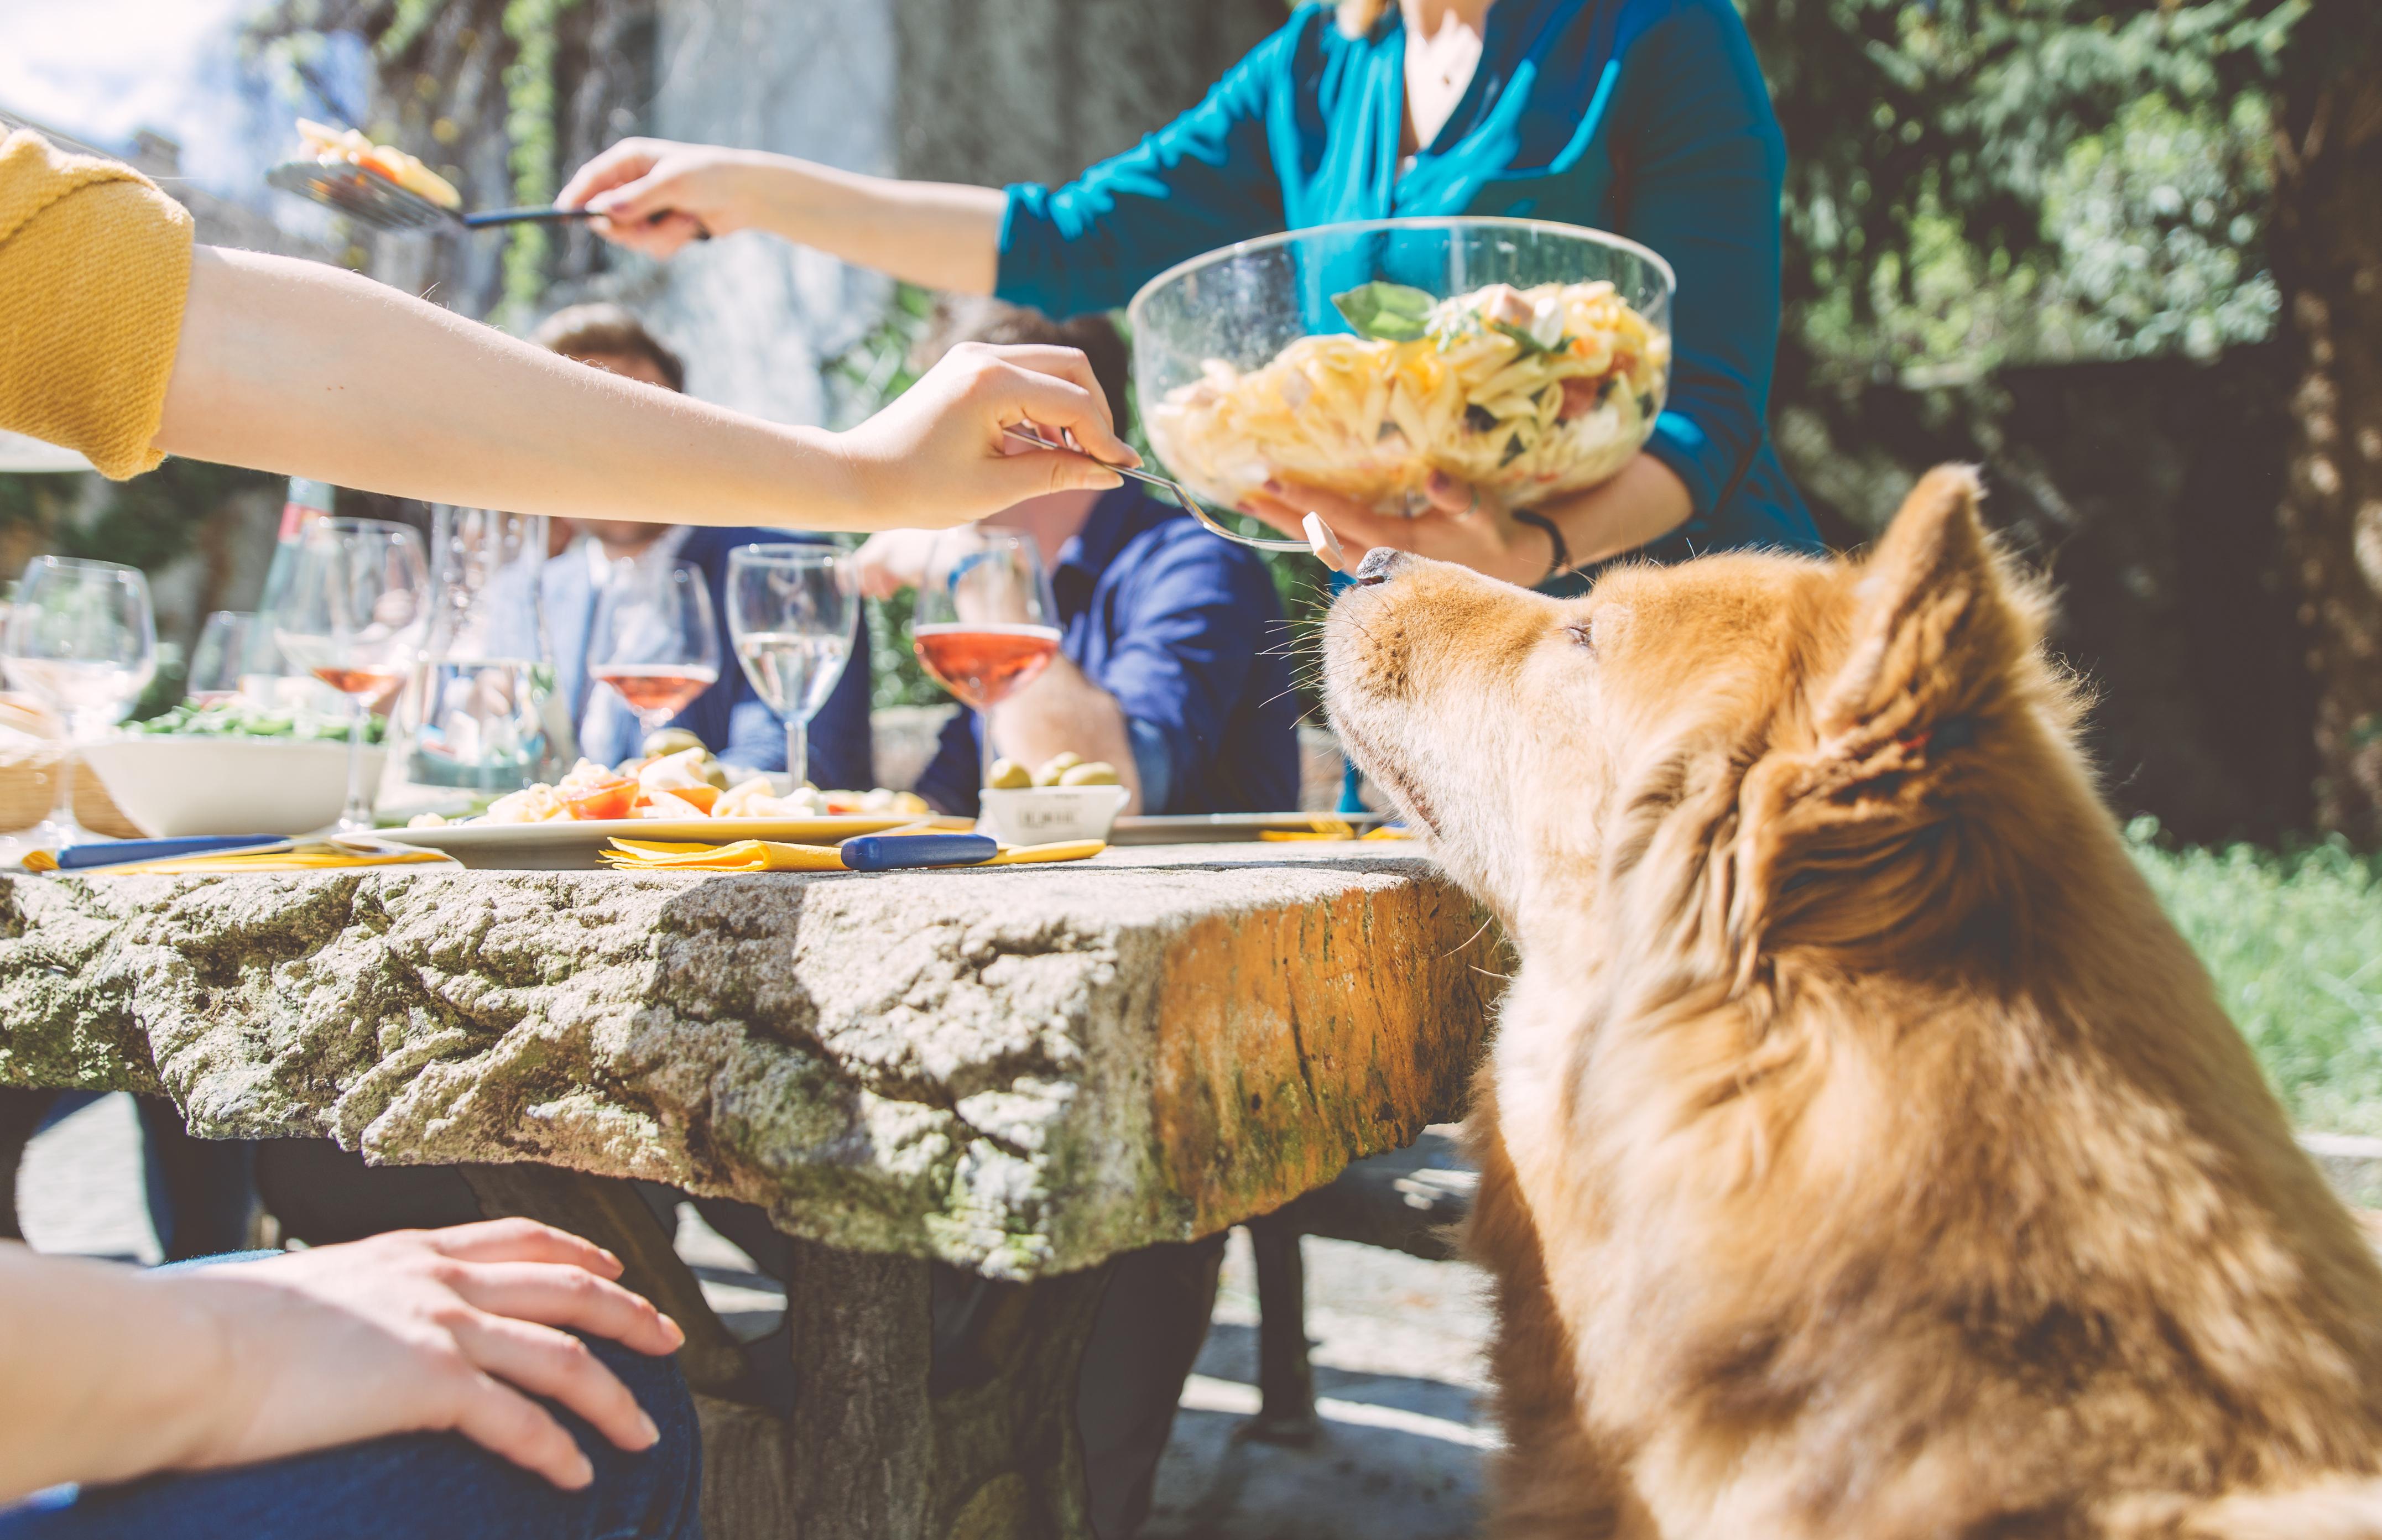 Warum der Hund nicht beim Familientisch dabei sein sollte